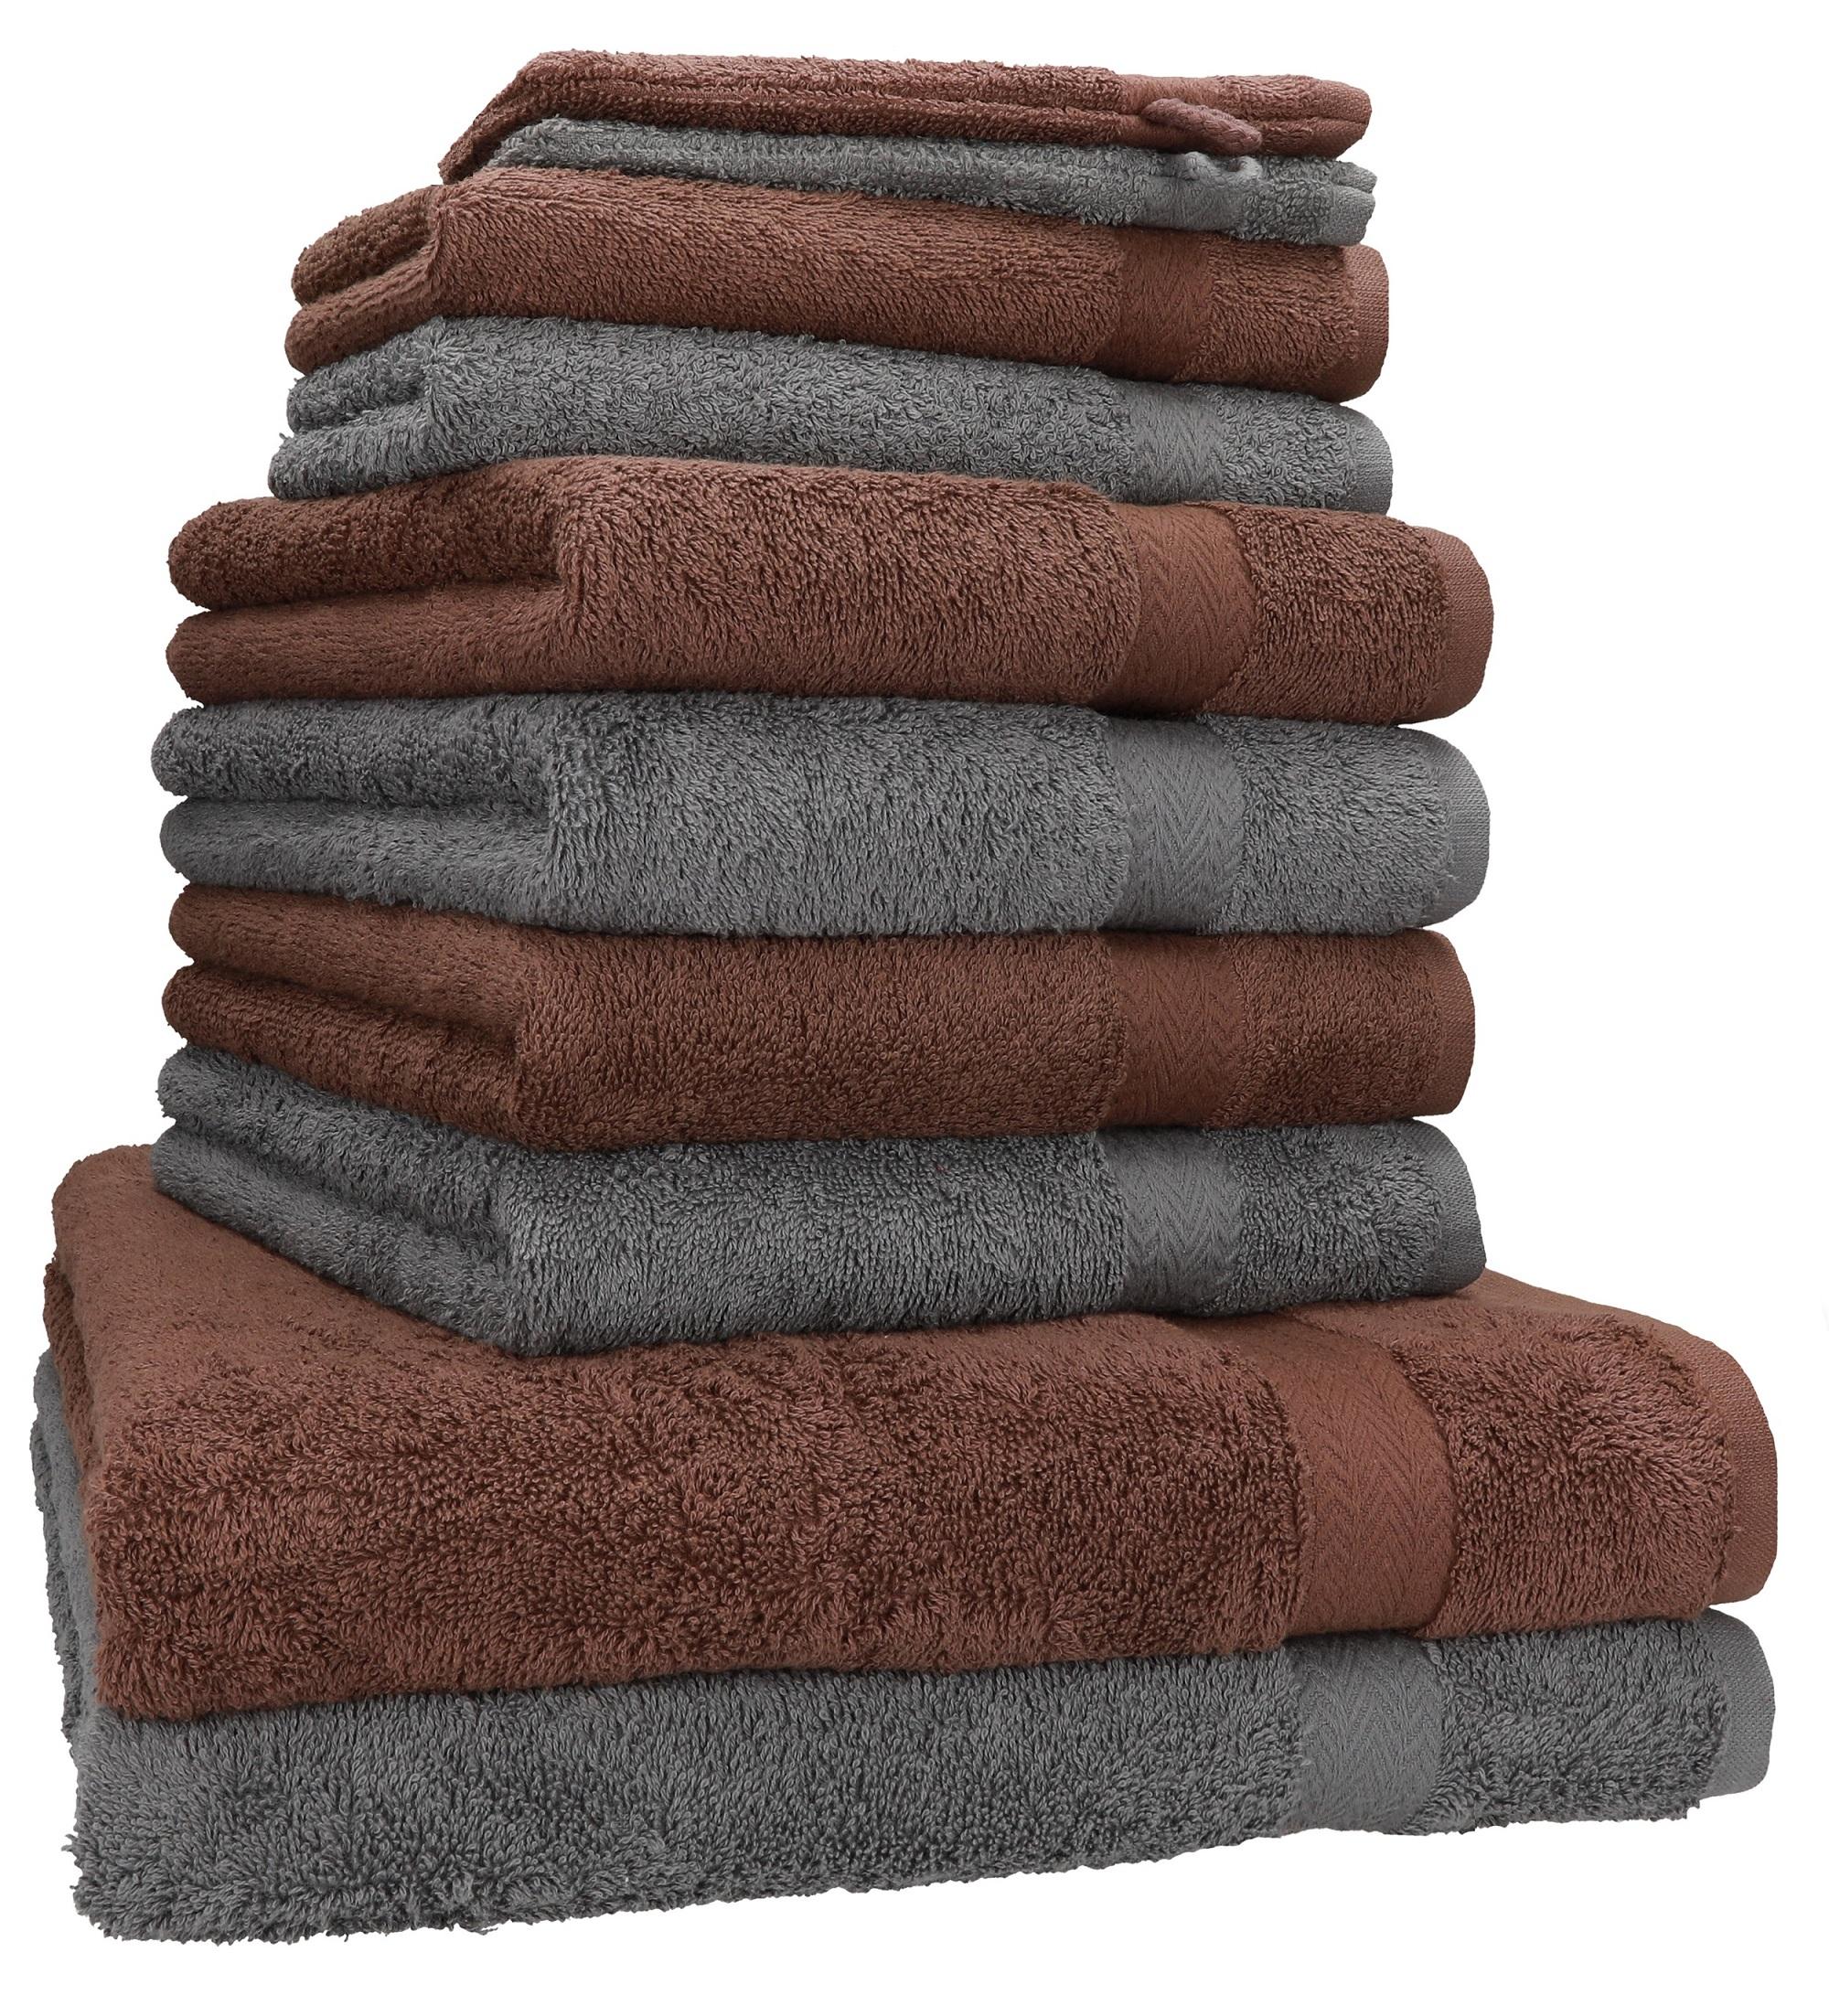 Noisette Betz Lot de 10 Serviettes Set de 2 Serviettes de Bain 4 Serviettes de Toilette 2 Serviettes dinvit/é et 2 Gants de Toilette 100/% Coton Premium Couleur Vieux Rose